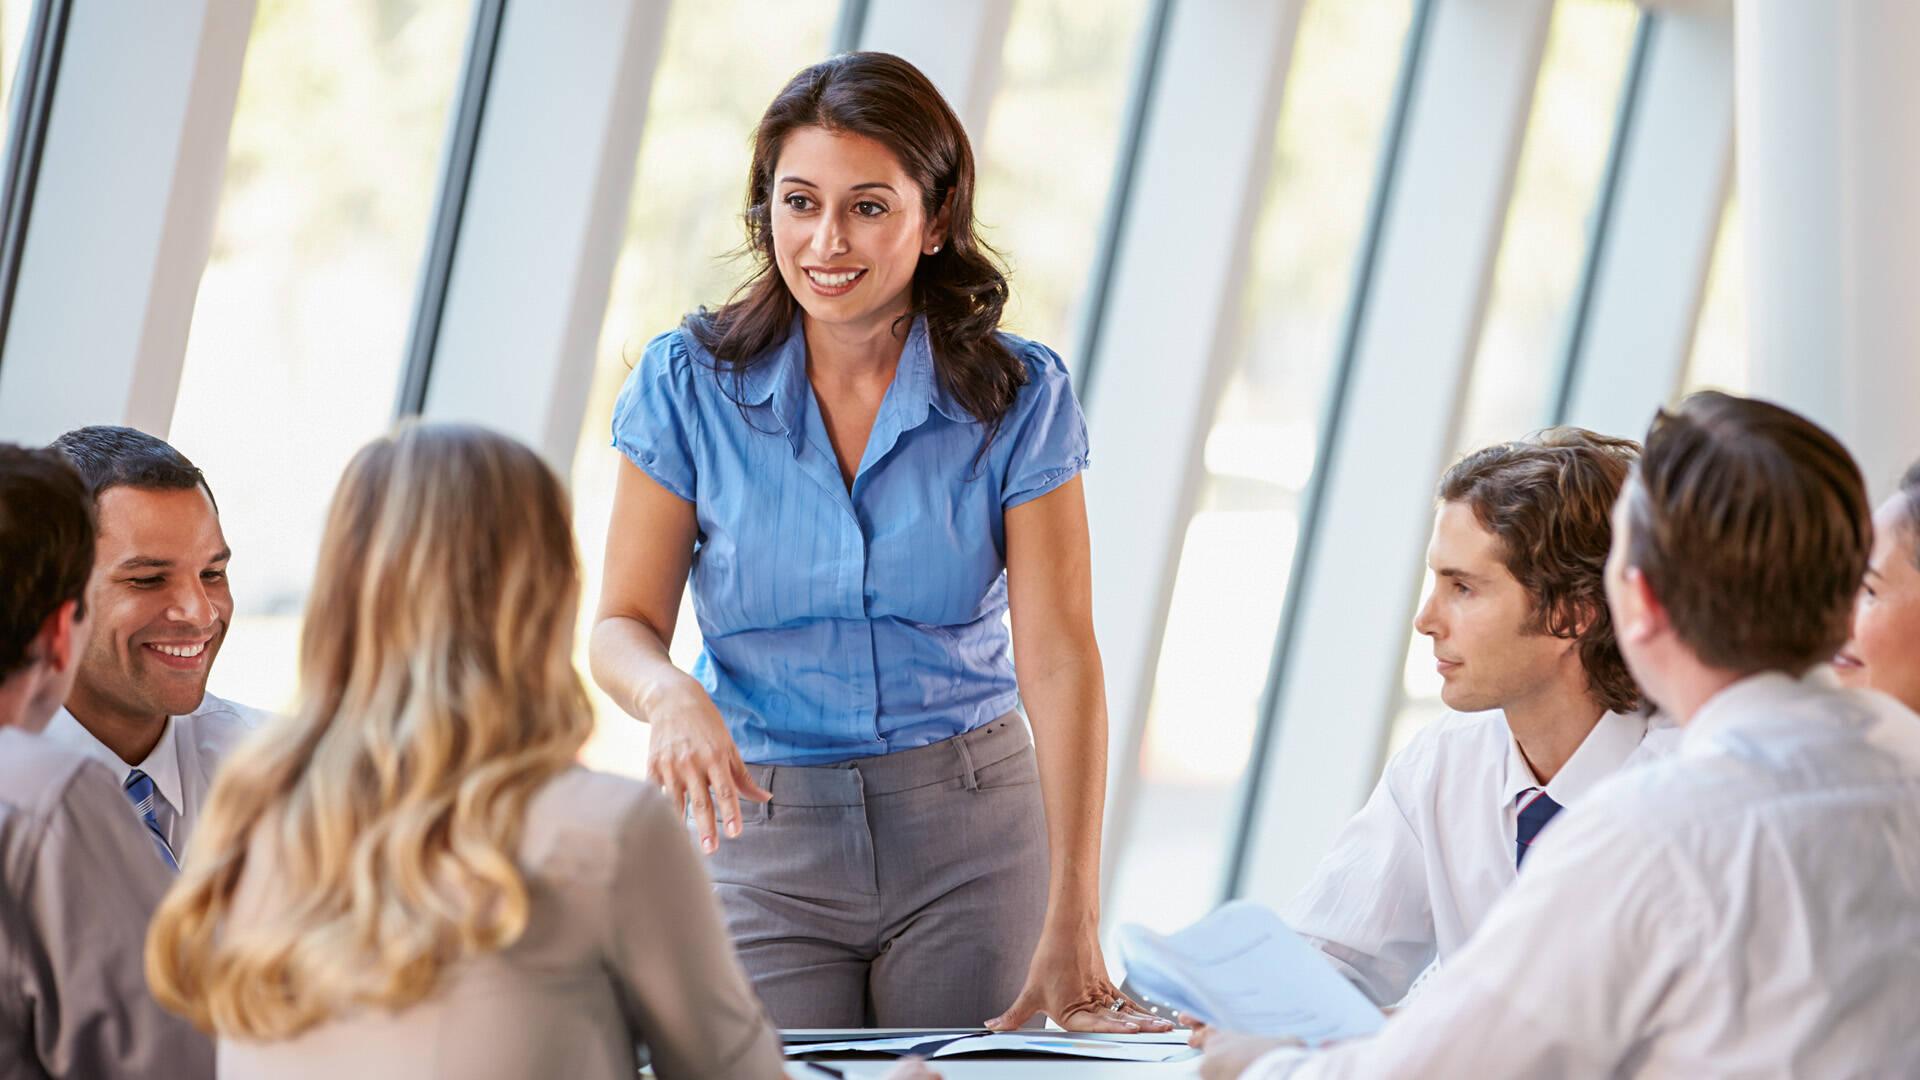 Empreendedorismo feminino na prática: desafios e histórias de sucesso